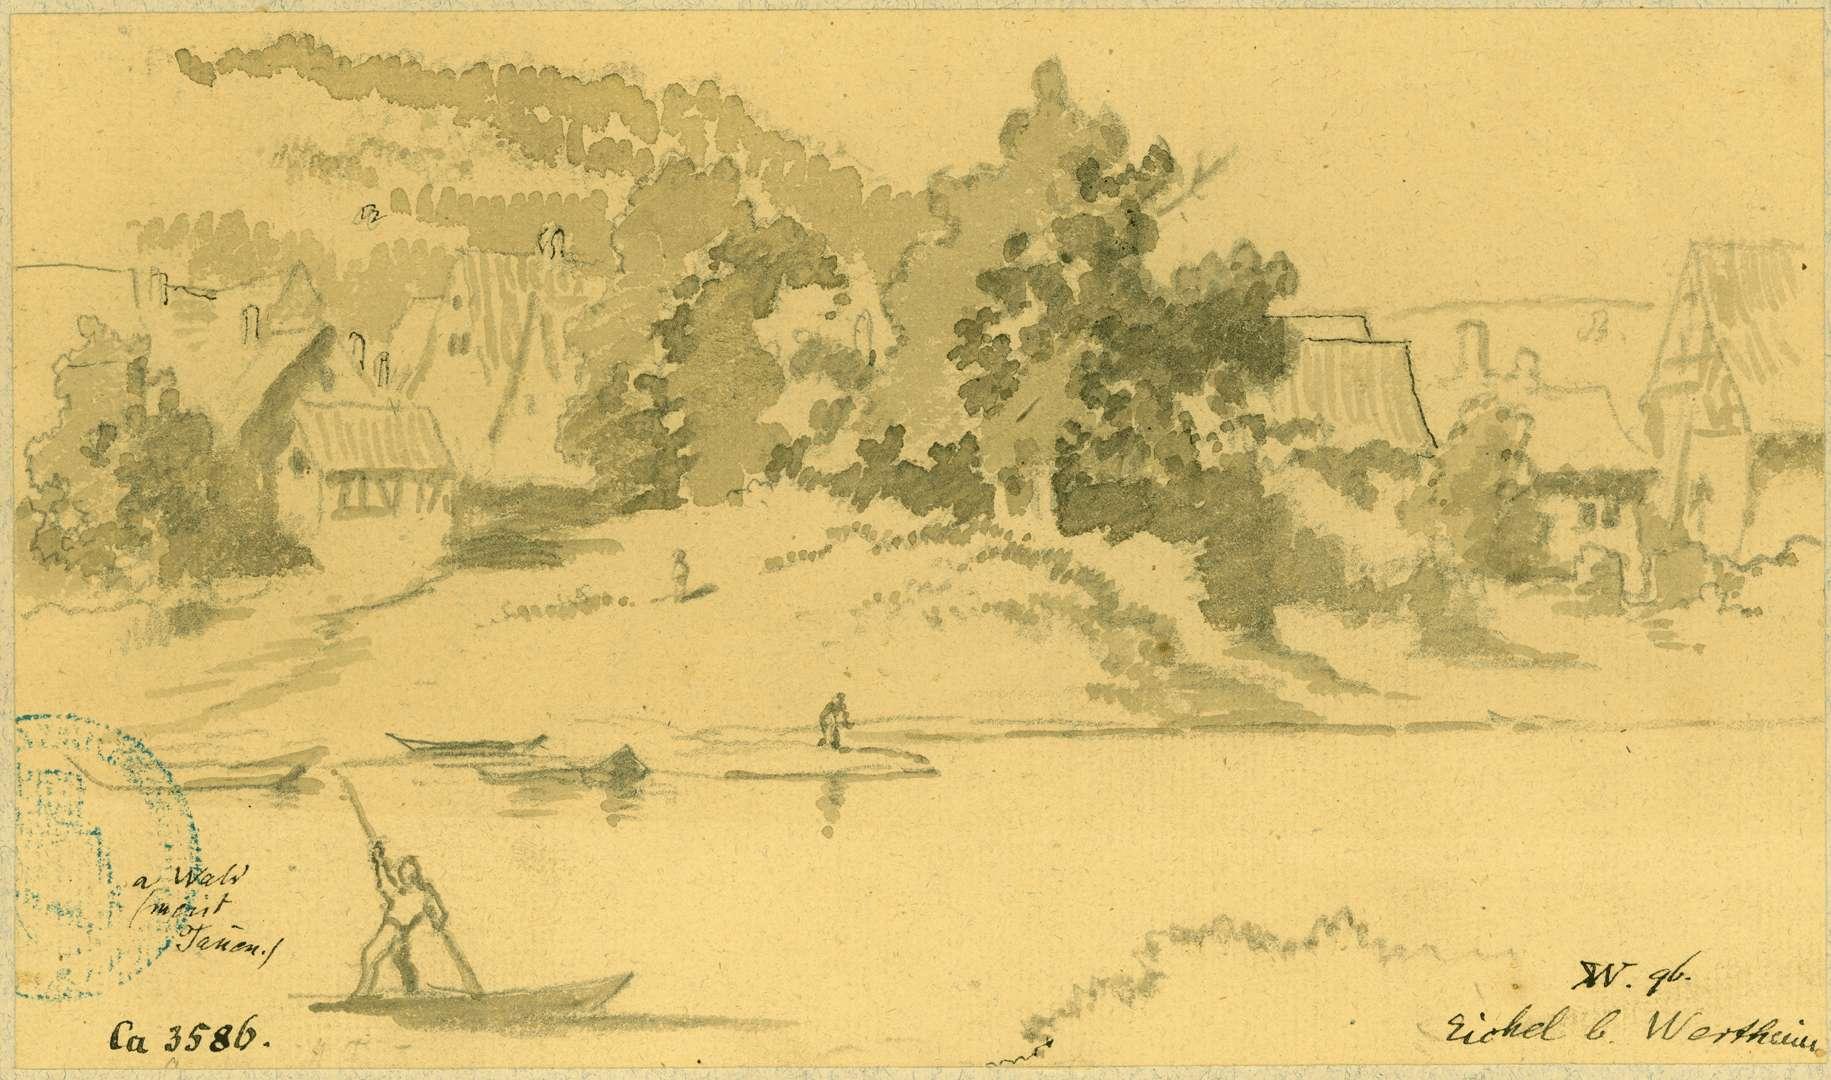 Eichel Dorf vom Main aus gesehen, Bild 1